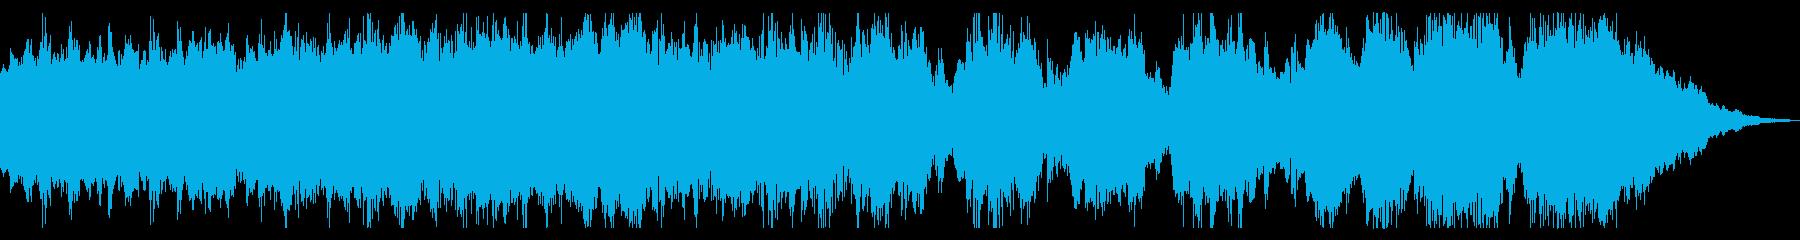 勇壮でダークな短いシンセBGMの再生済みの波形